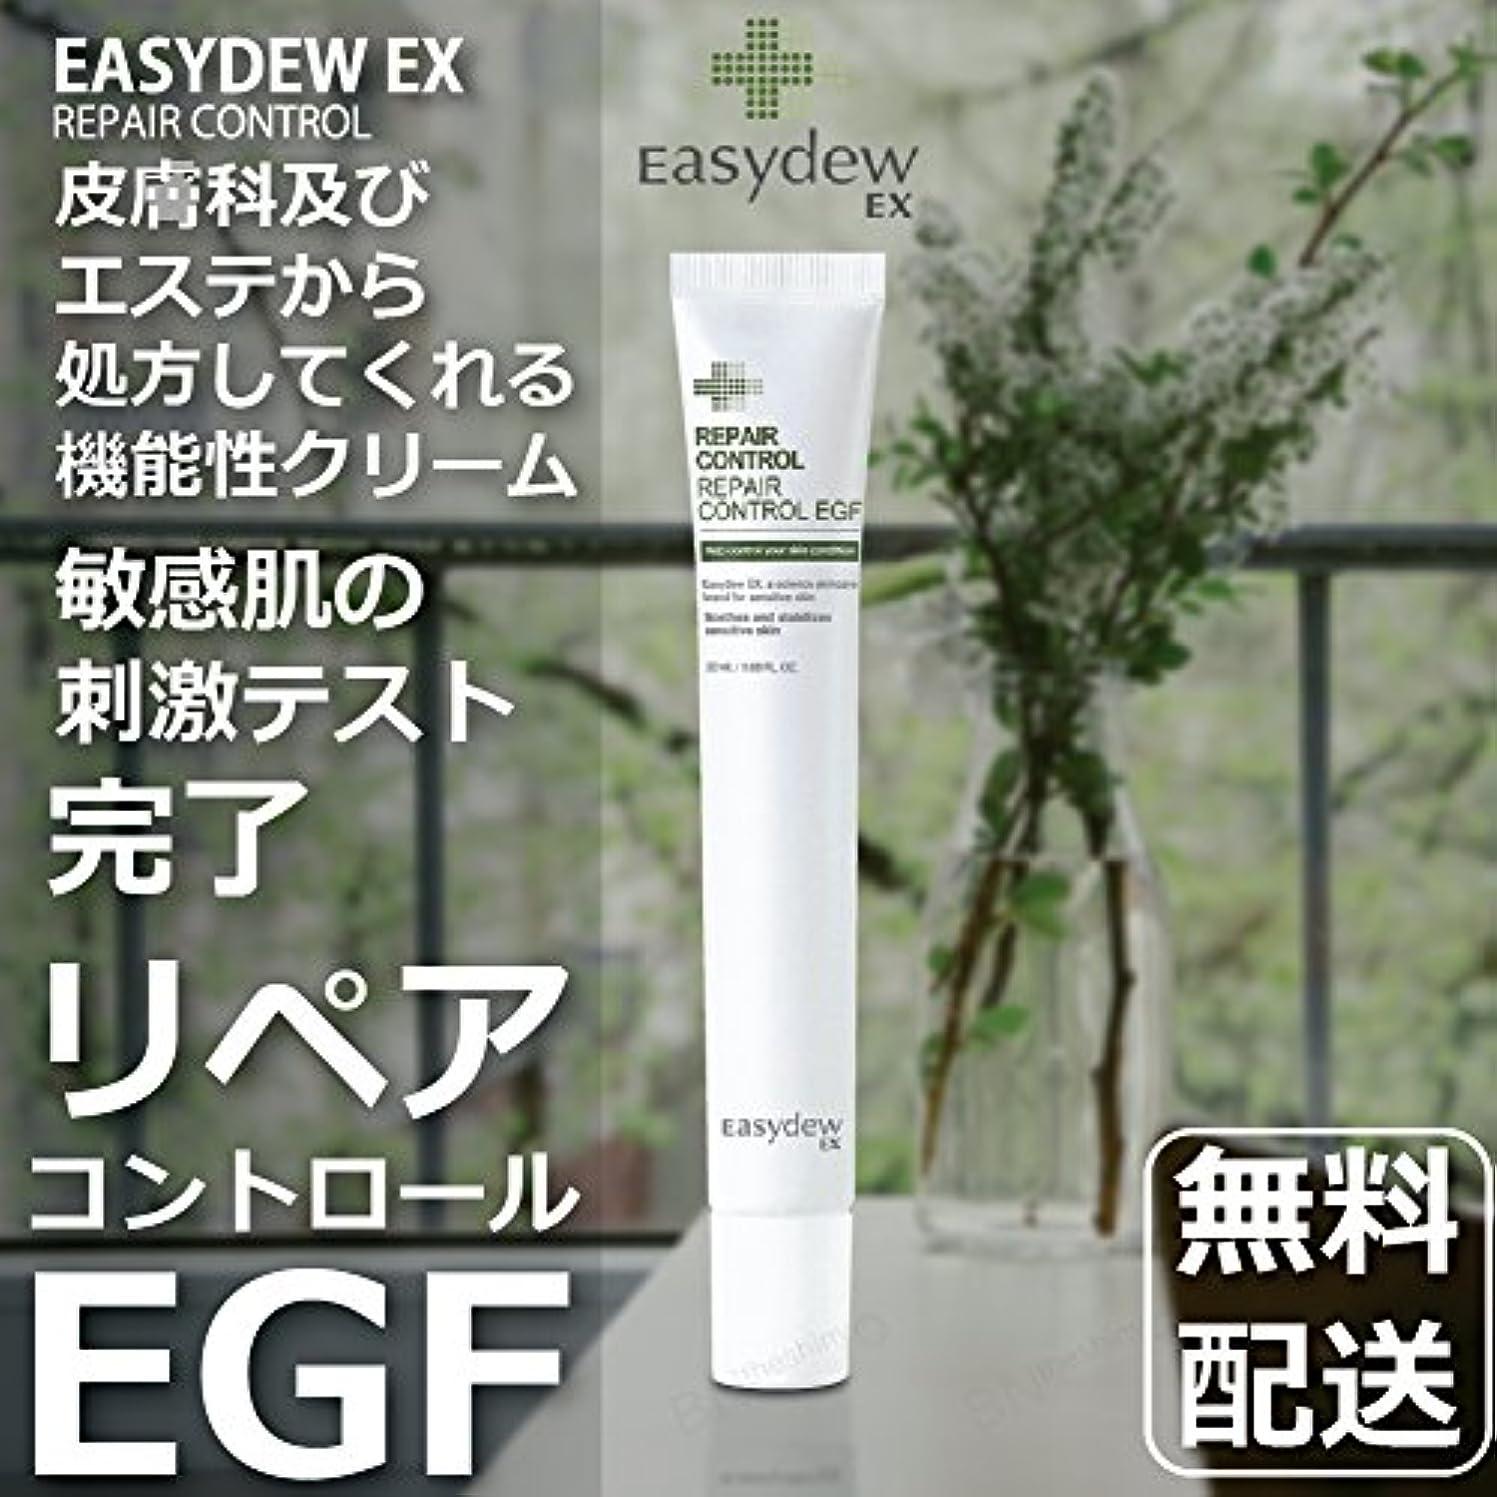 休暇枯渇するミトンデウン製薬 リペア コントロール EGF 20ml. Repair Control EGF 20ml.